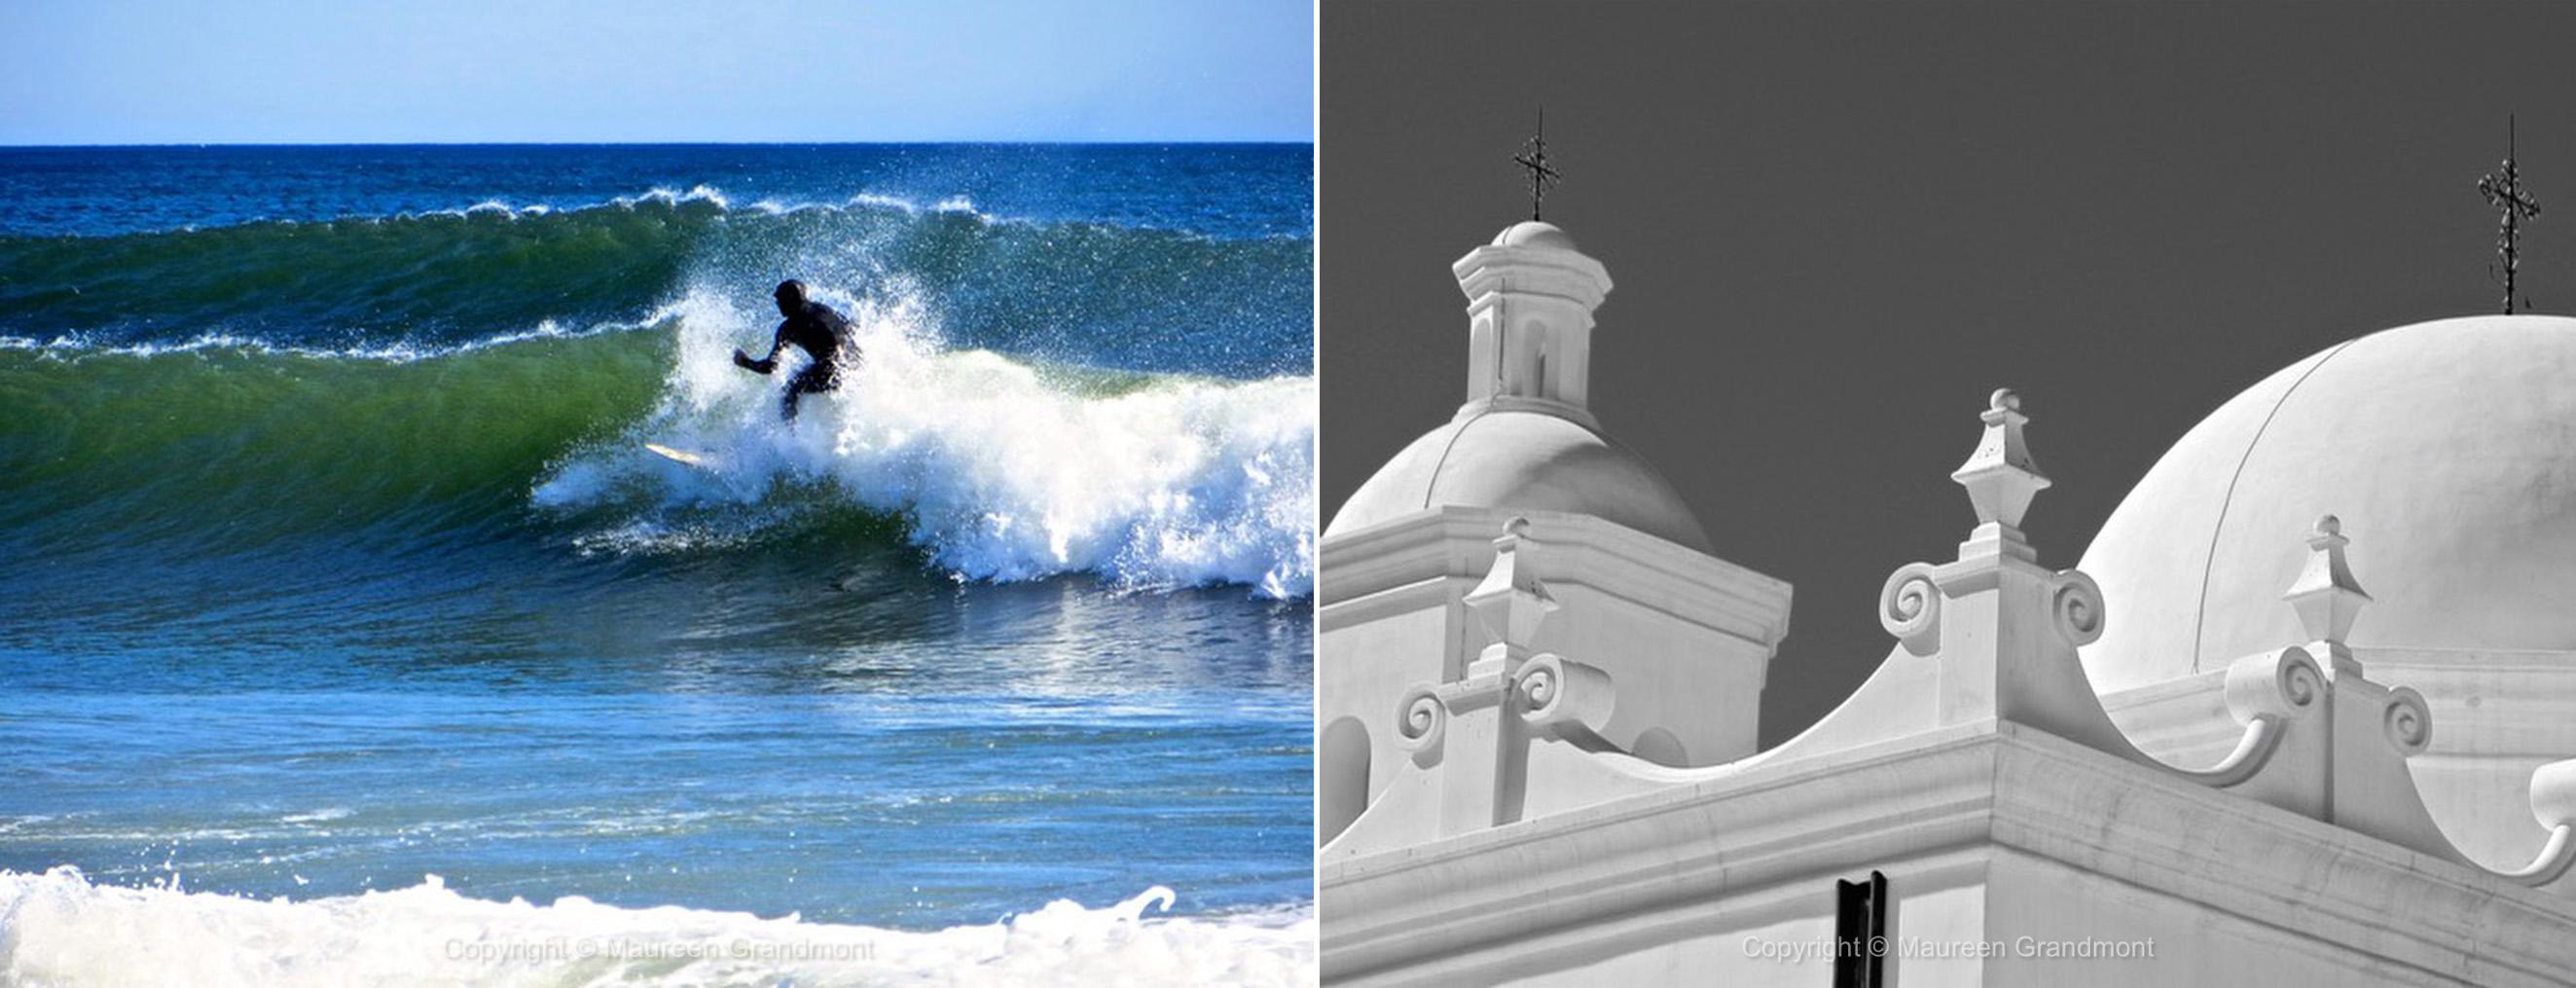 surfer San Xavier